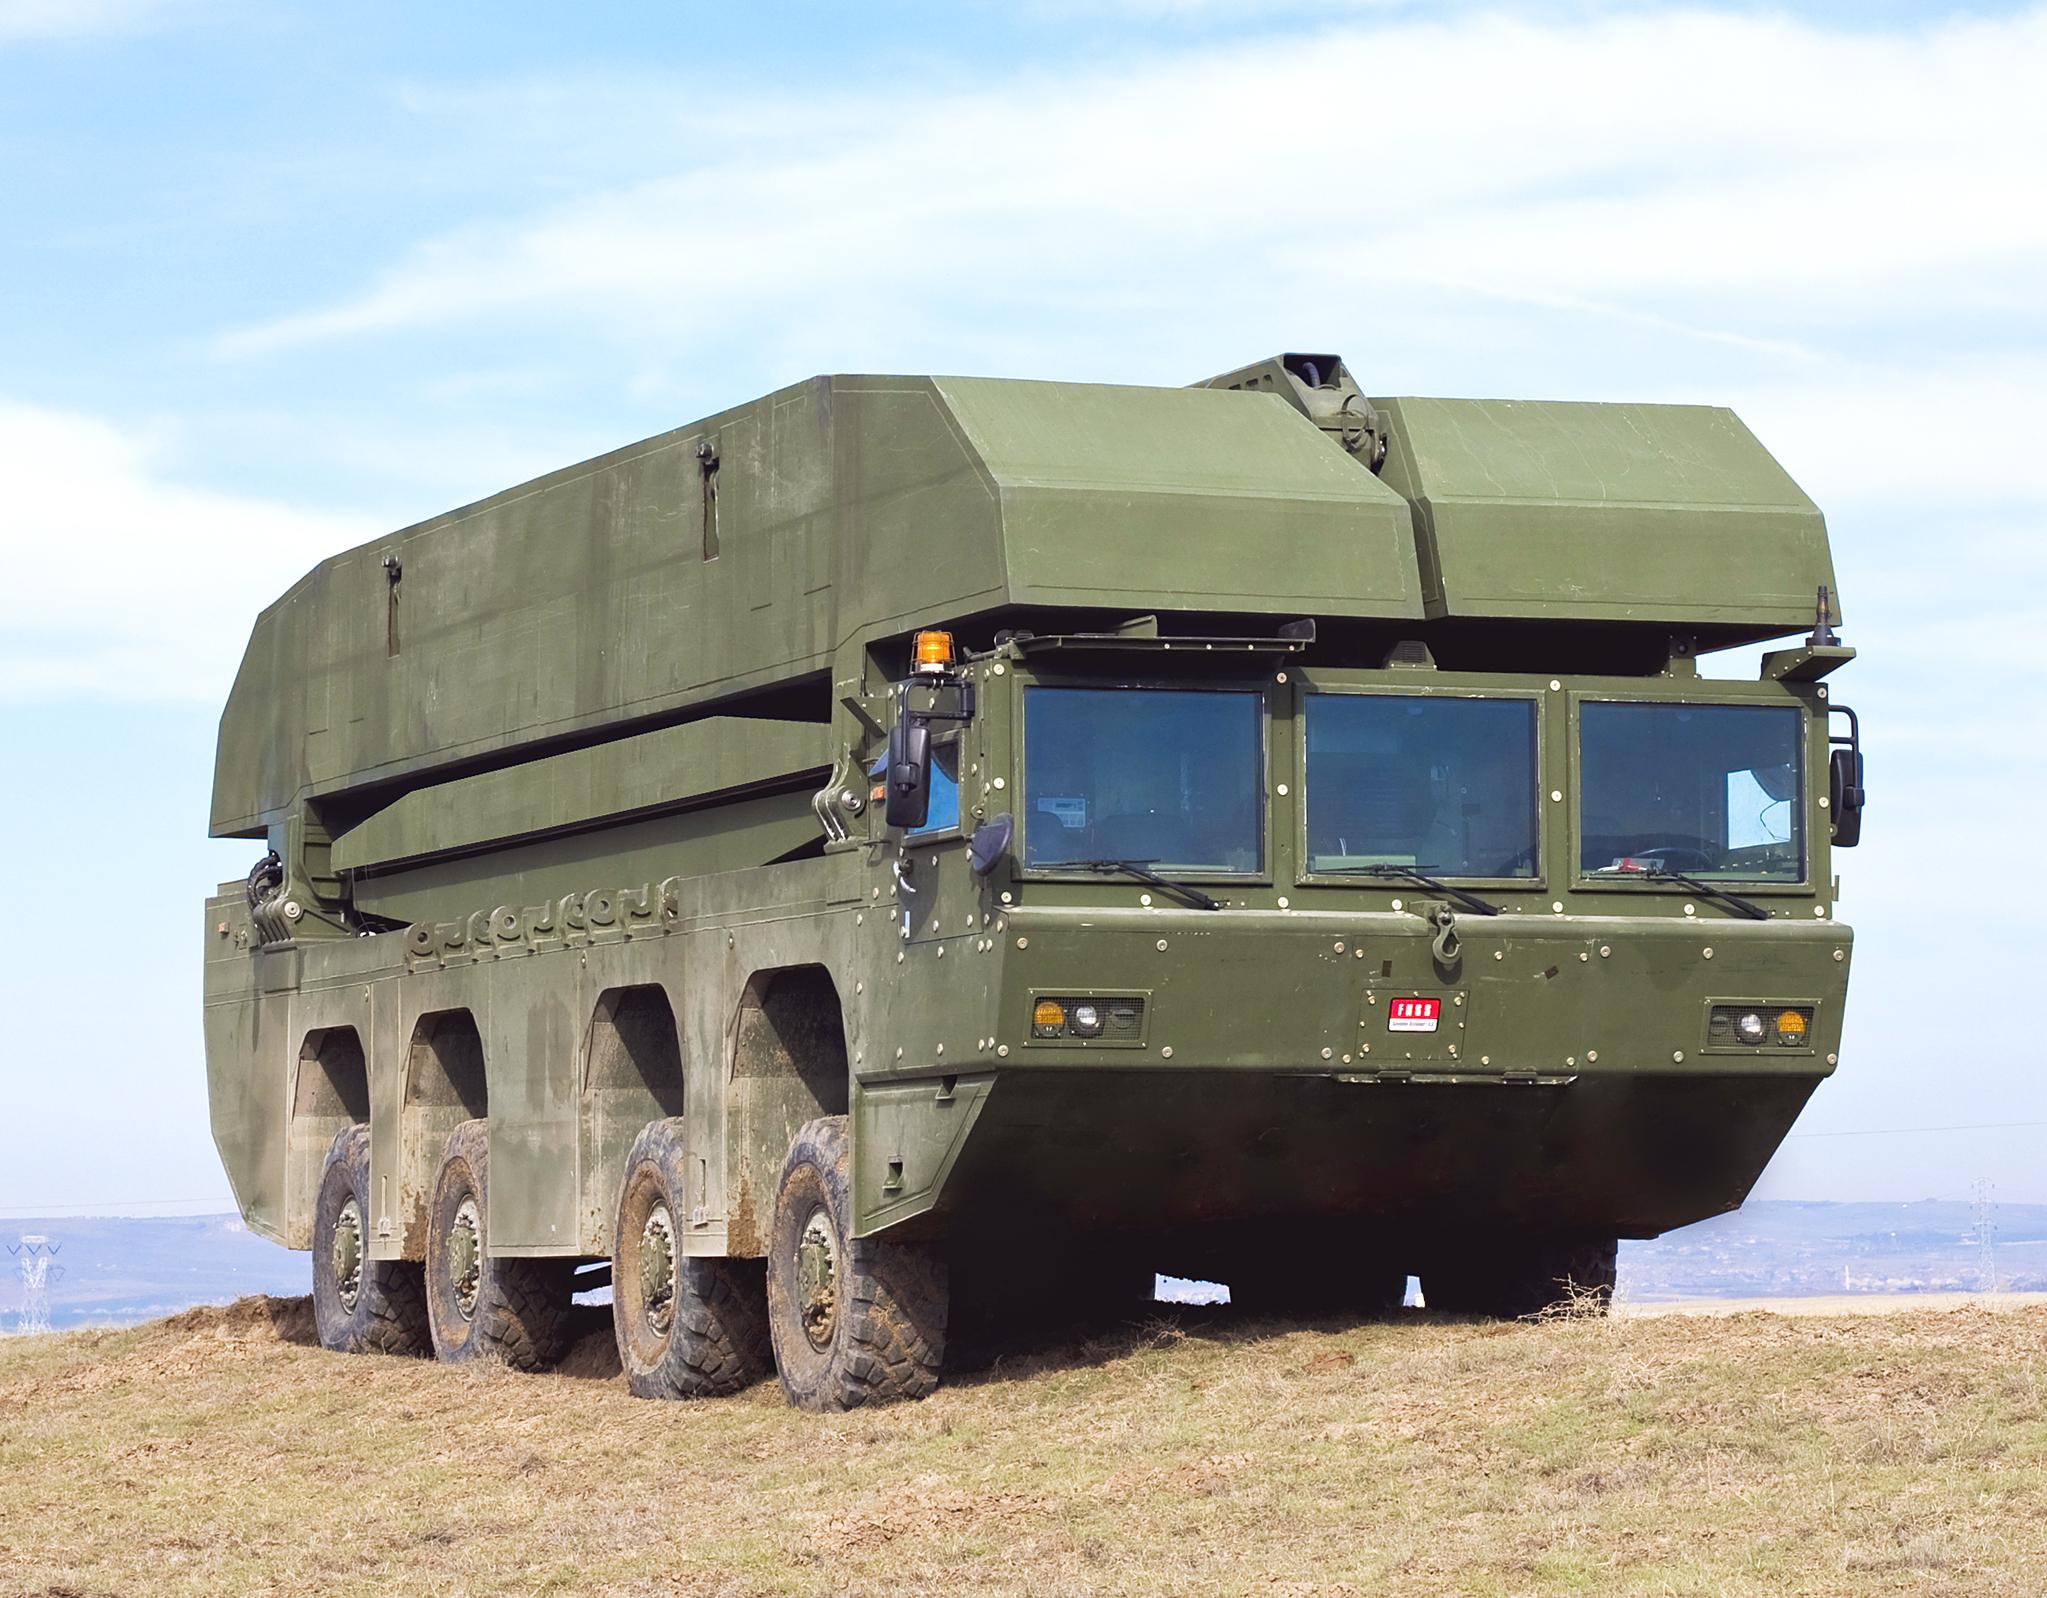 현대로템이 개발하는 한국형 자주도하장비 AAAB. 한국과 지형이 비슷한 터키에서 전력화 경험이 있어 한국 군 작전에 유리하다는 게 현대로템 측의 설명이다. 런플랫 타이어, 수상 주행시 360도 회전 기동 기능 등 첨단 장비를 장착했다. [사진 현대로템]